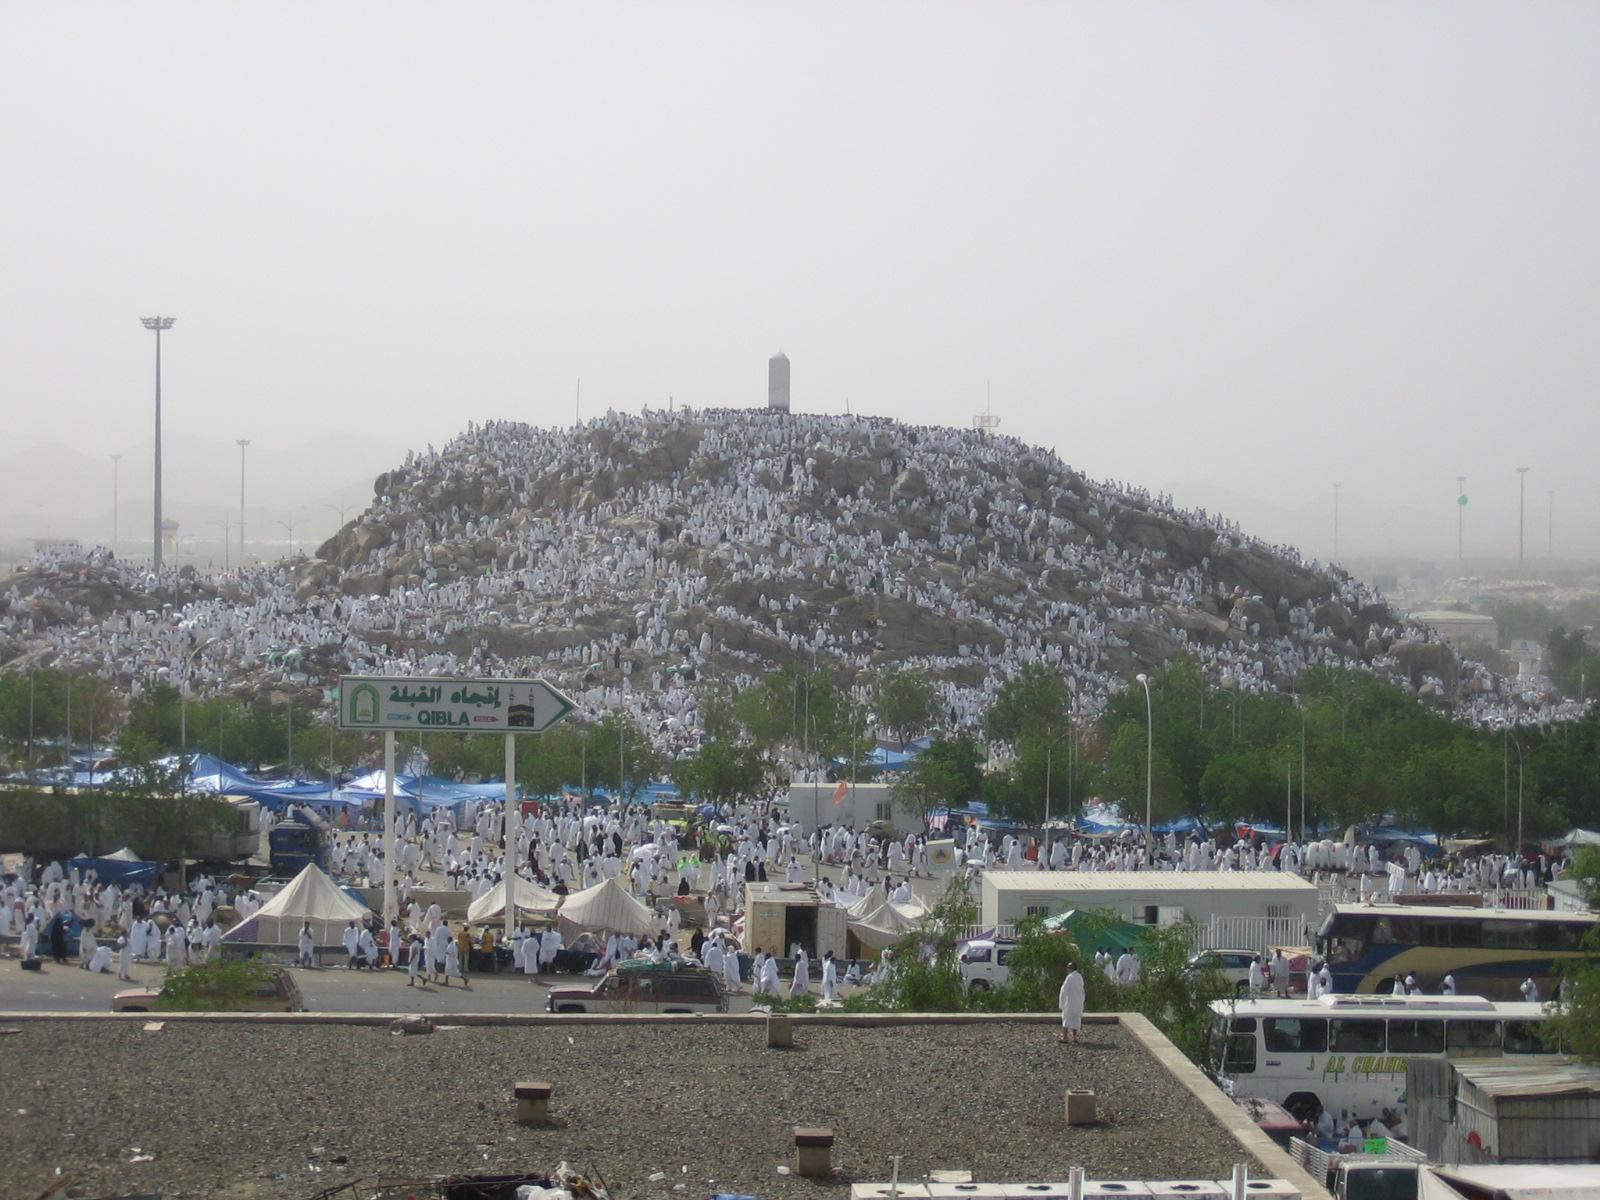 Tempat-tempat Ziarah di kota Mekkah ketika Haji/Umroh